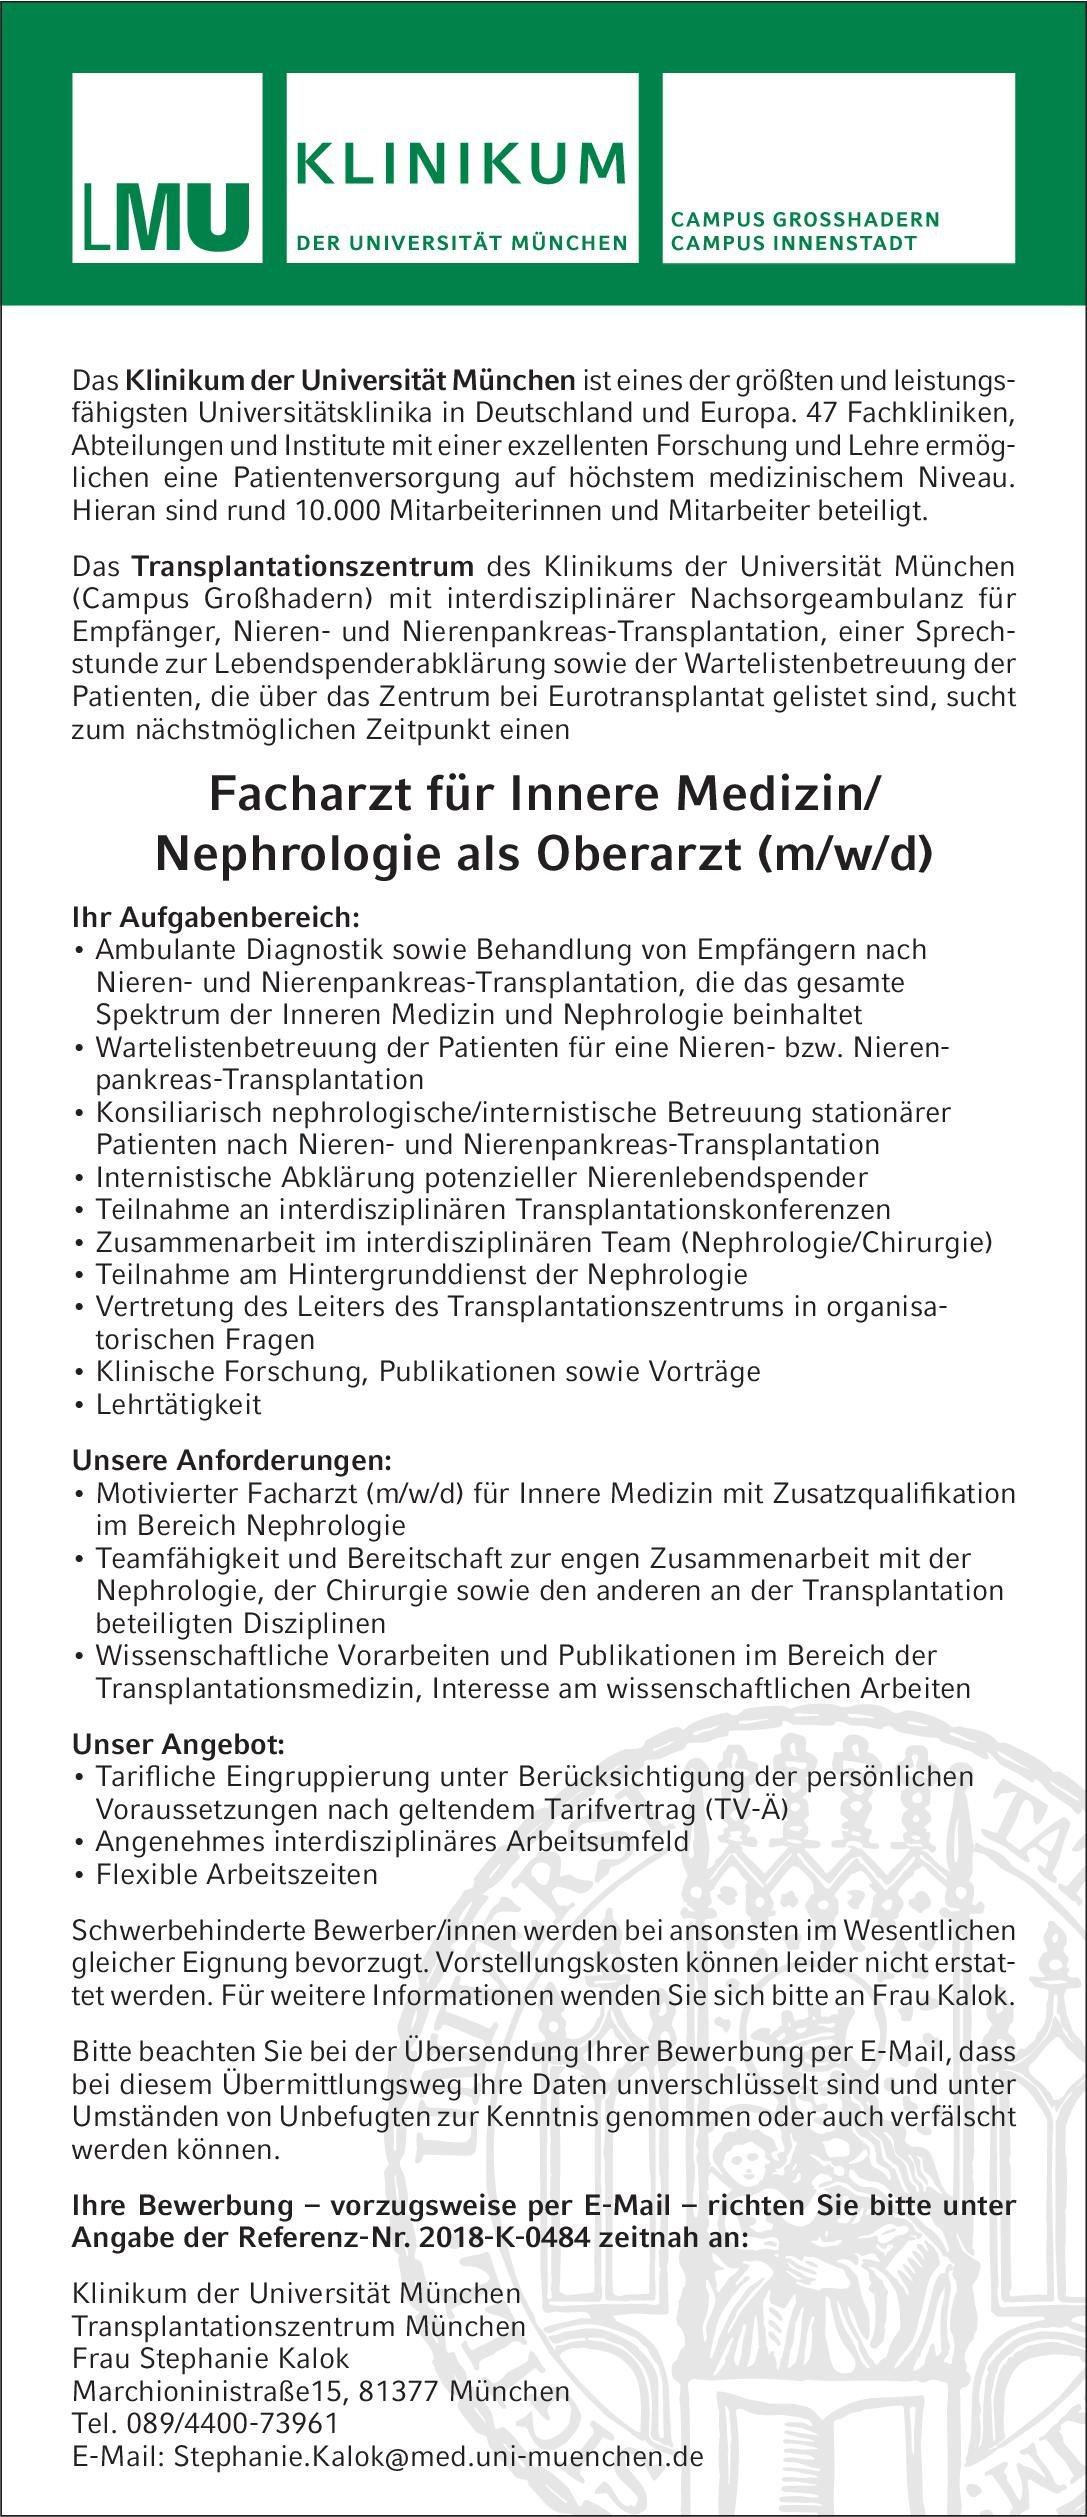 Stellenangebot Facharzt Für Innere Medizinnephrologie Als